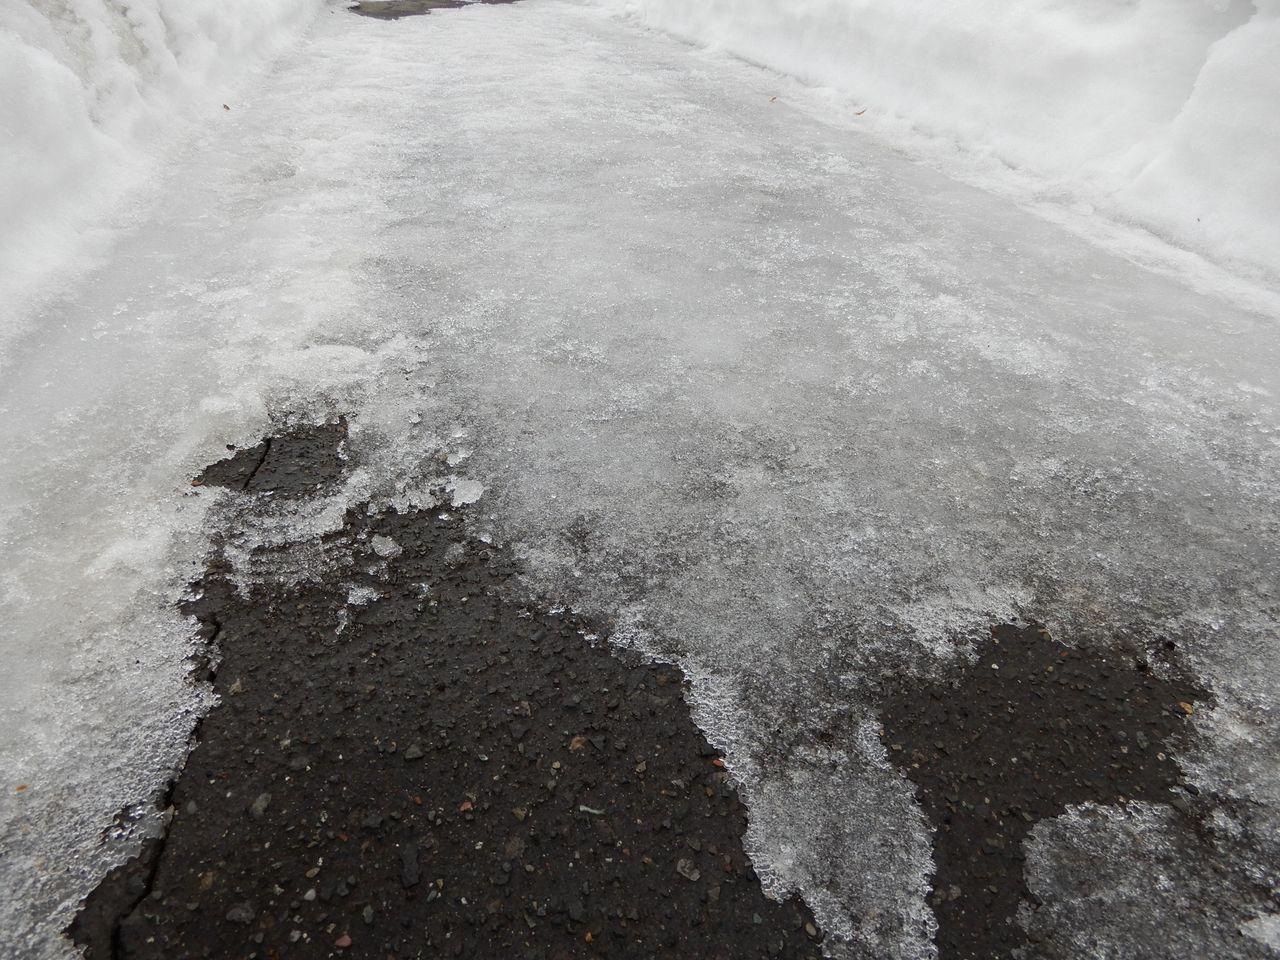 札幌は暴風雪にならないまま警報解除へ_c0025115_21432755.jpg